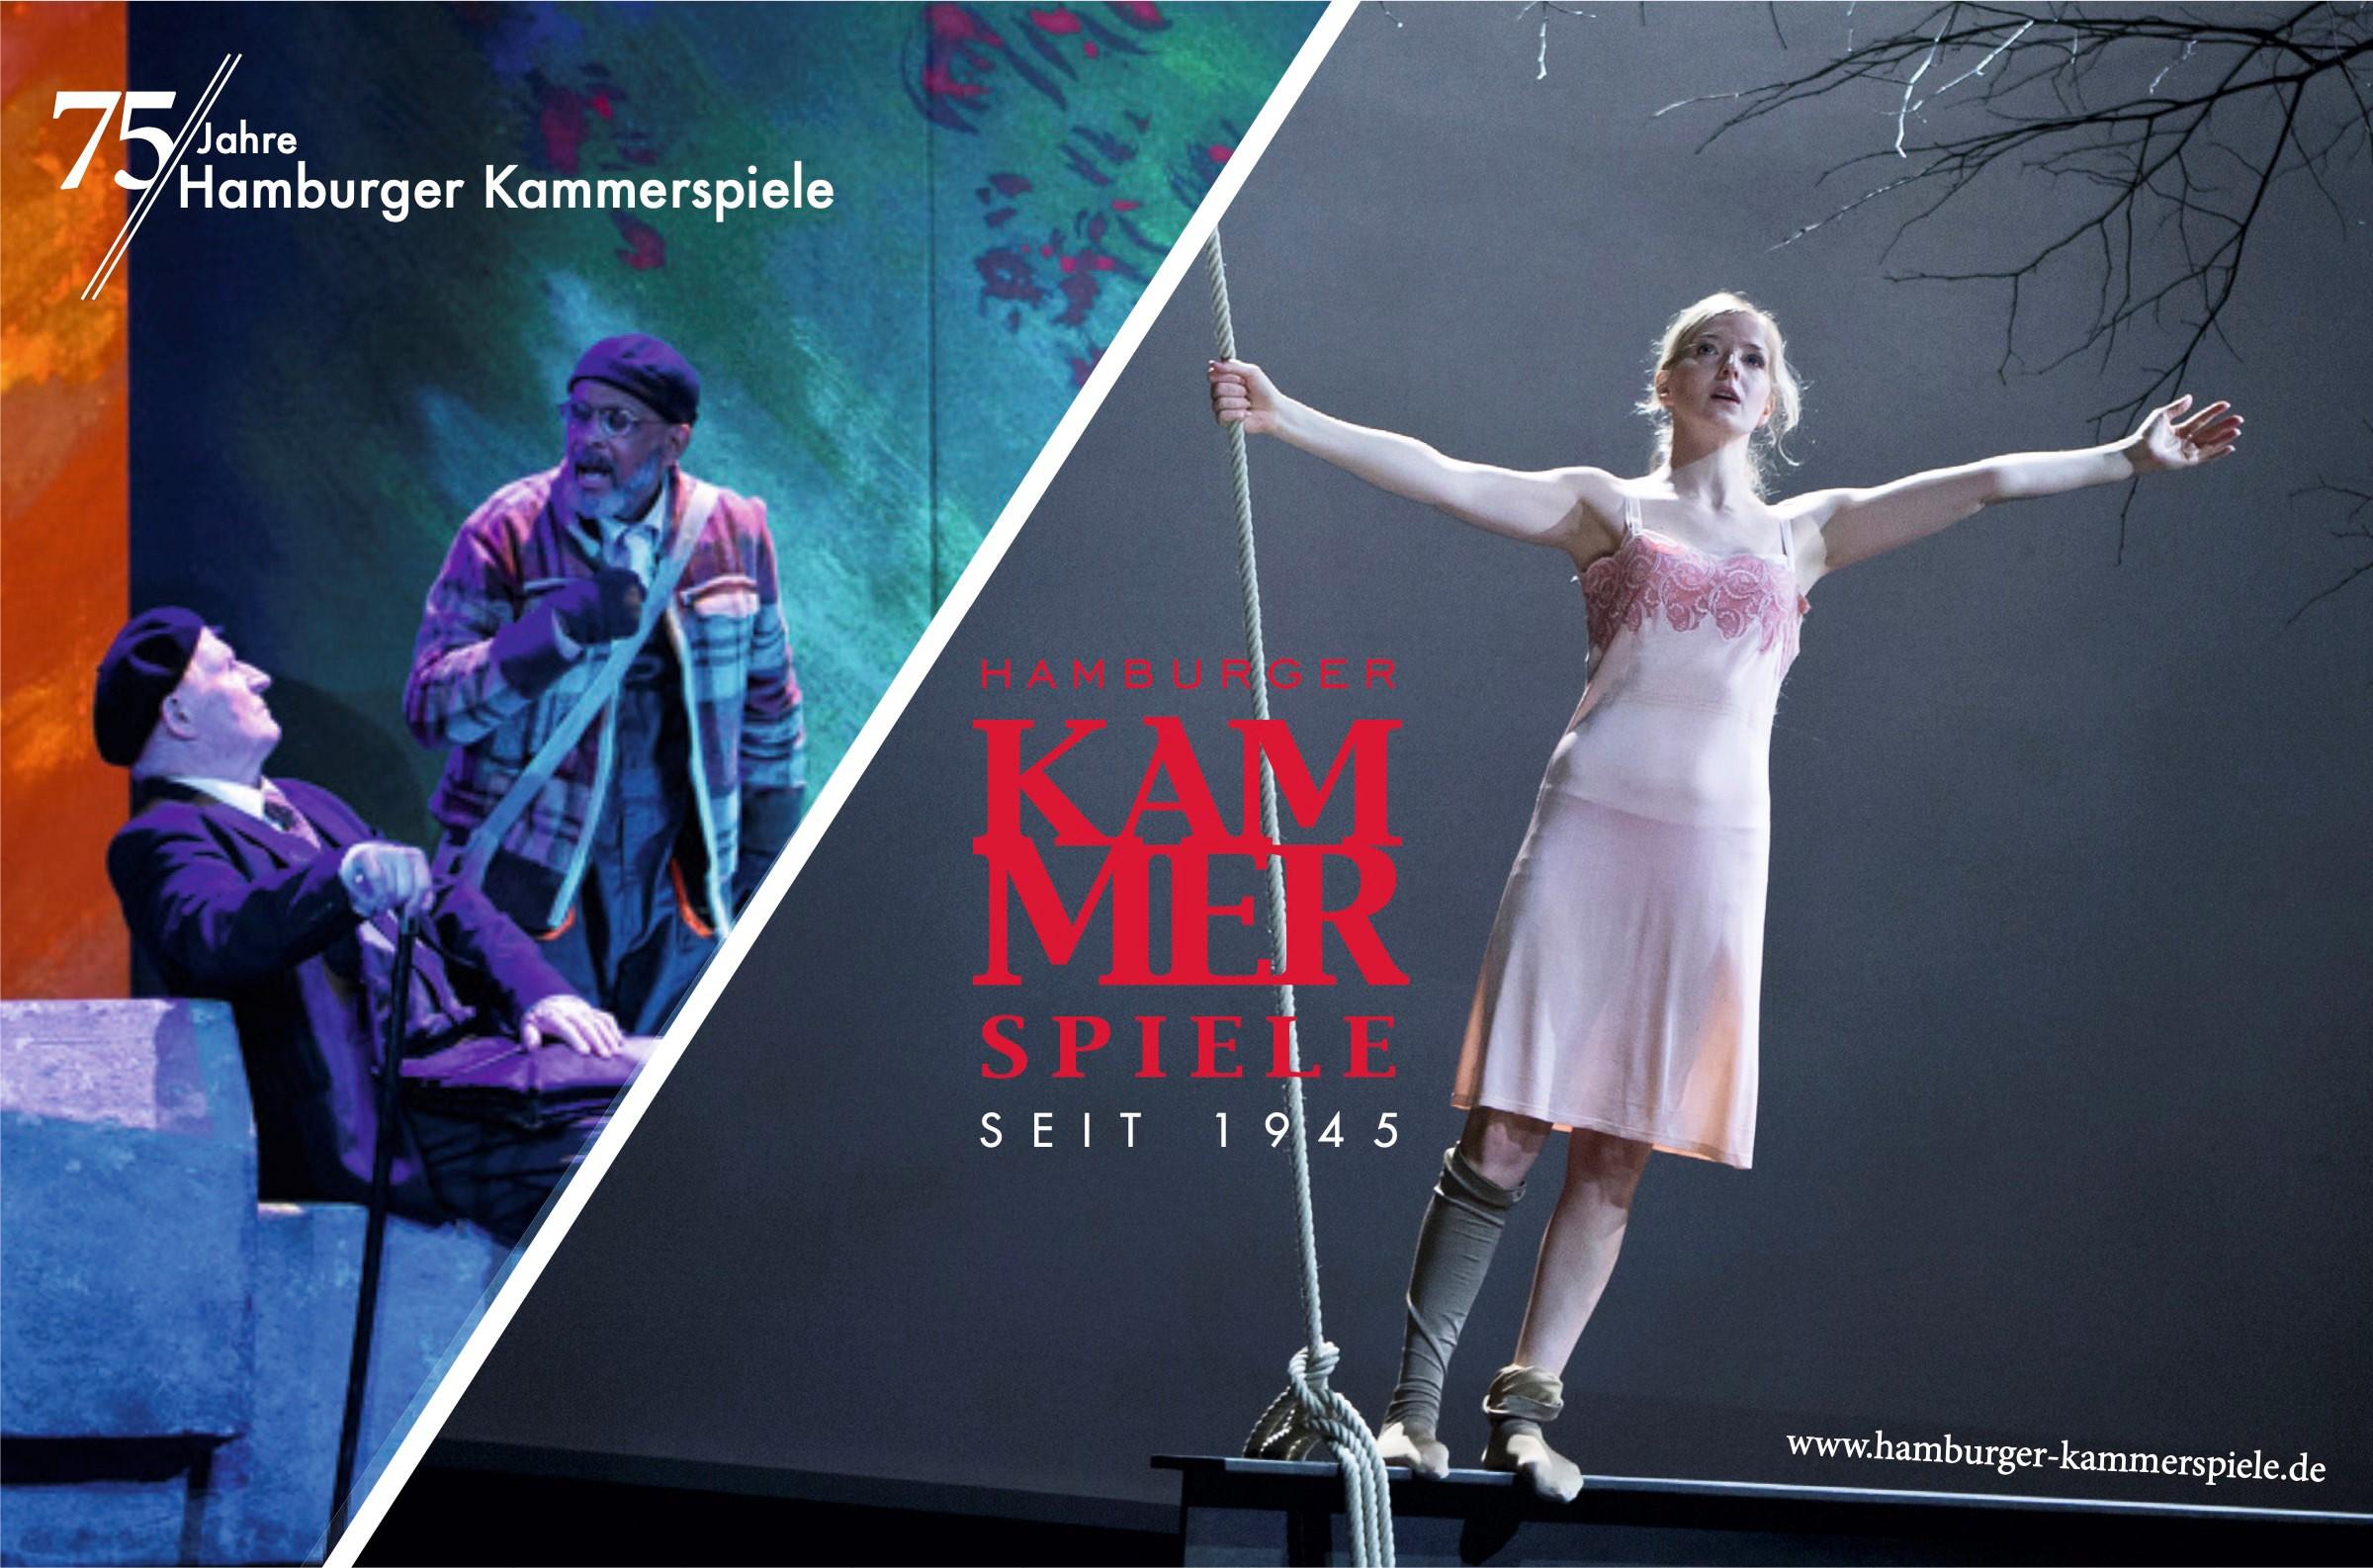 Hamburger Kammerspiele jüdisches Leben